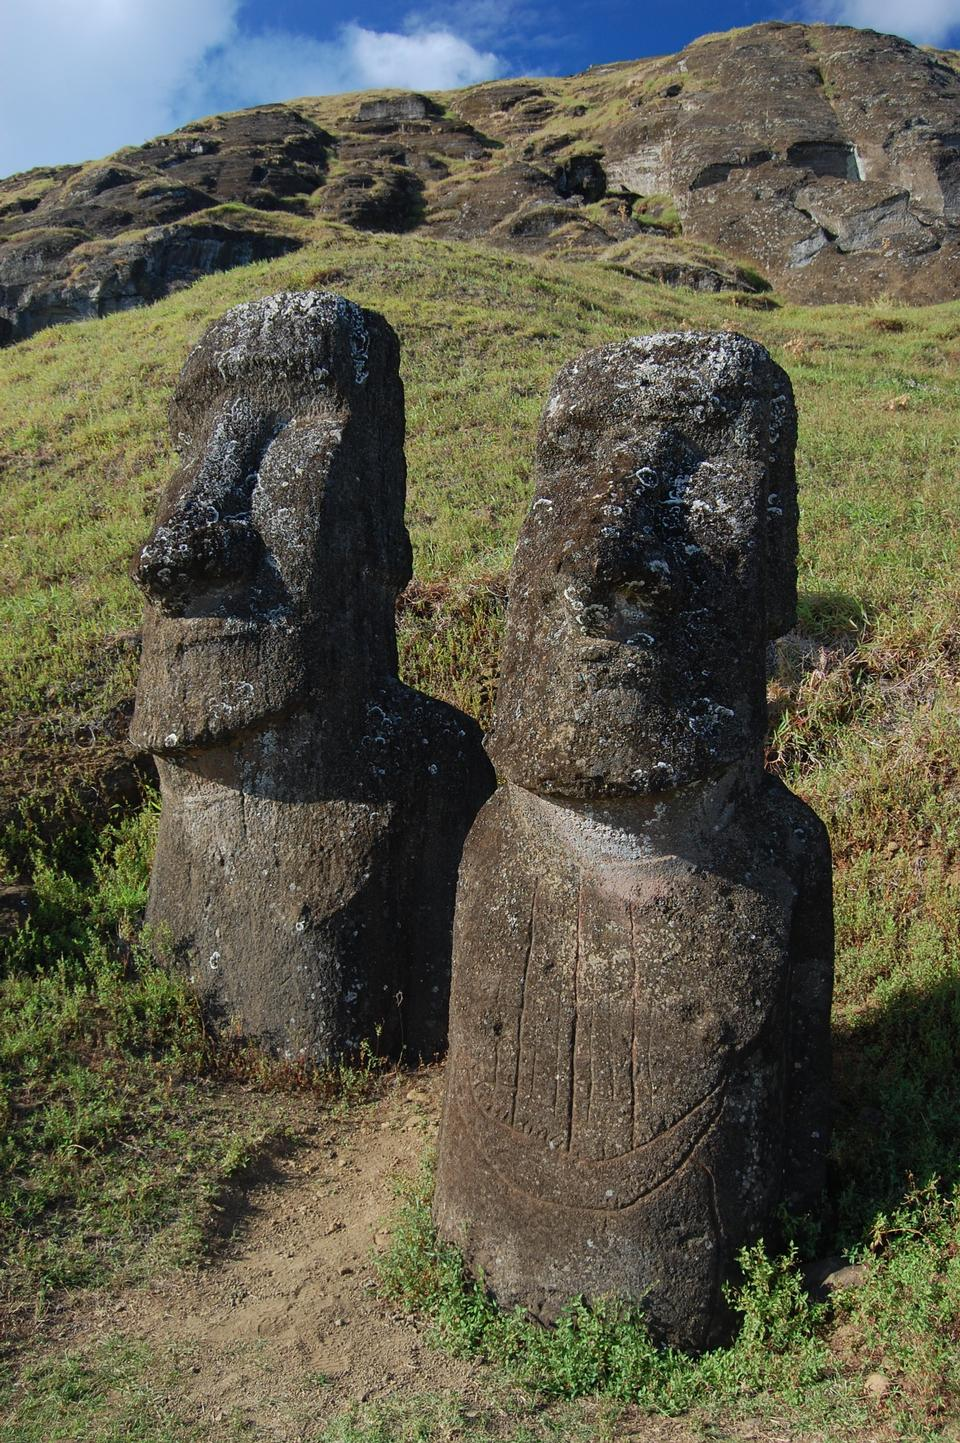 Free Moai at the Rano Raraku quarry